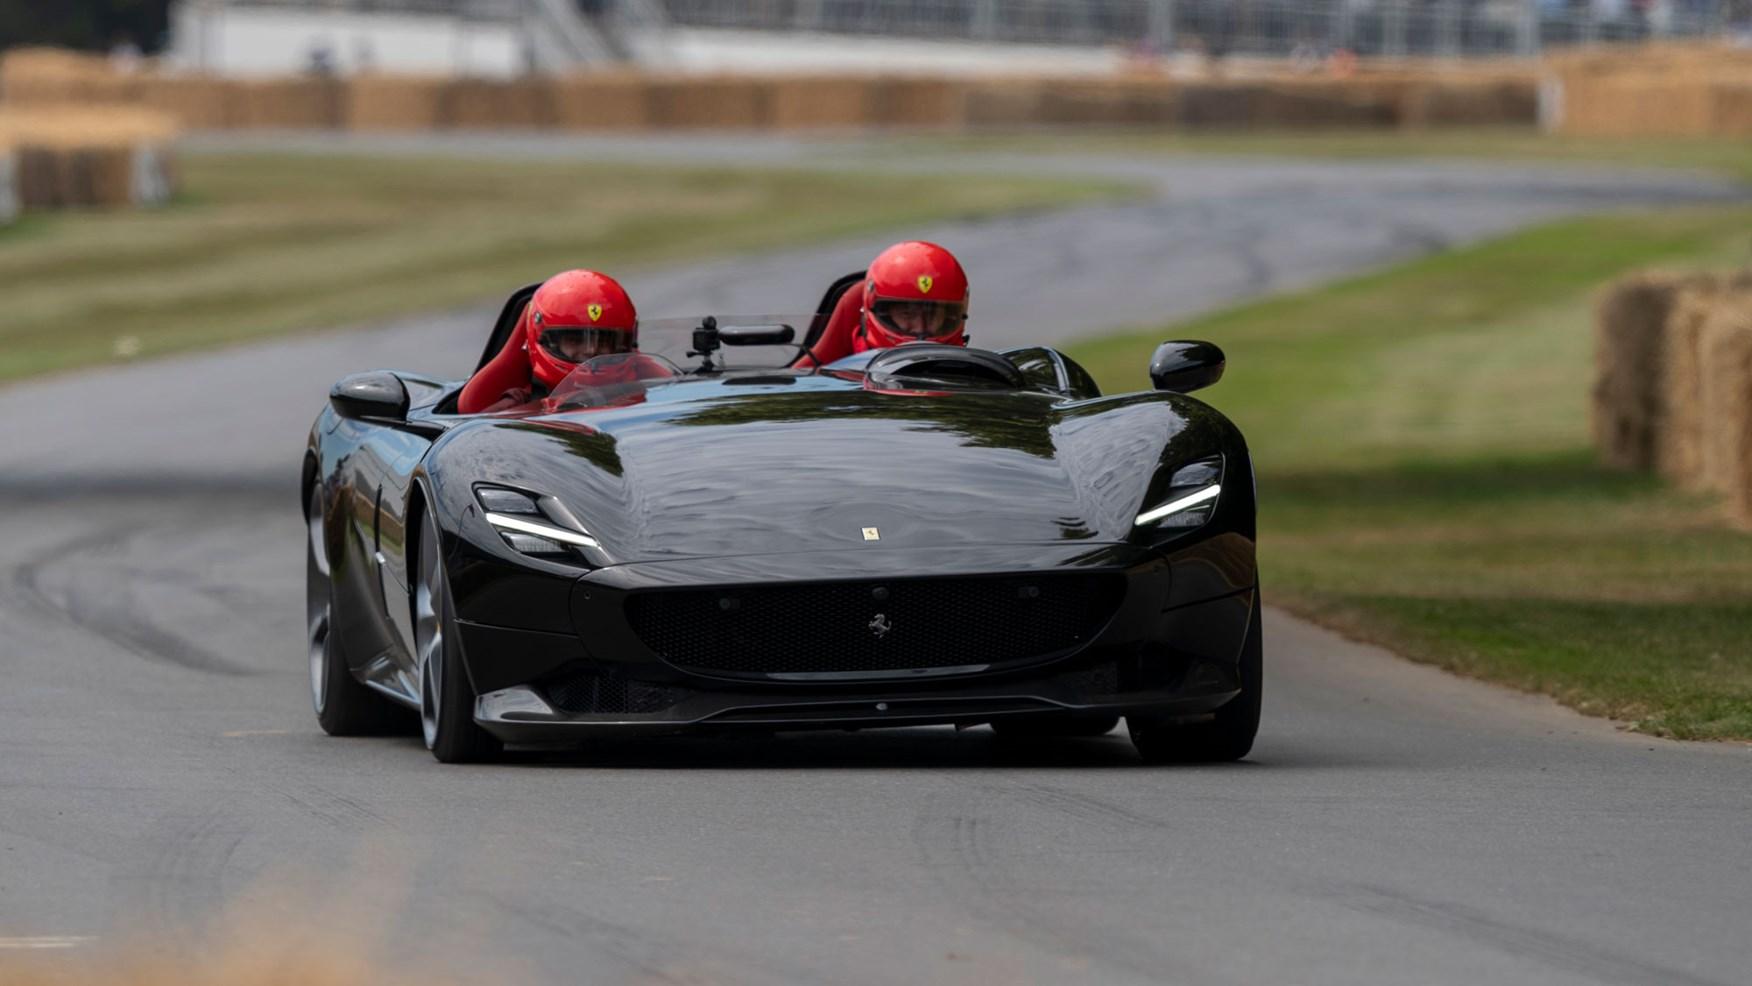 Ferrari Monza Sp1 And Sp2 A Ride In Maranello S Special Project Car Magazine